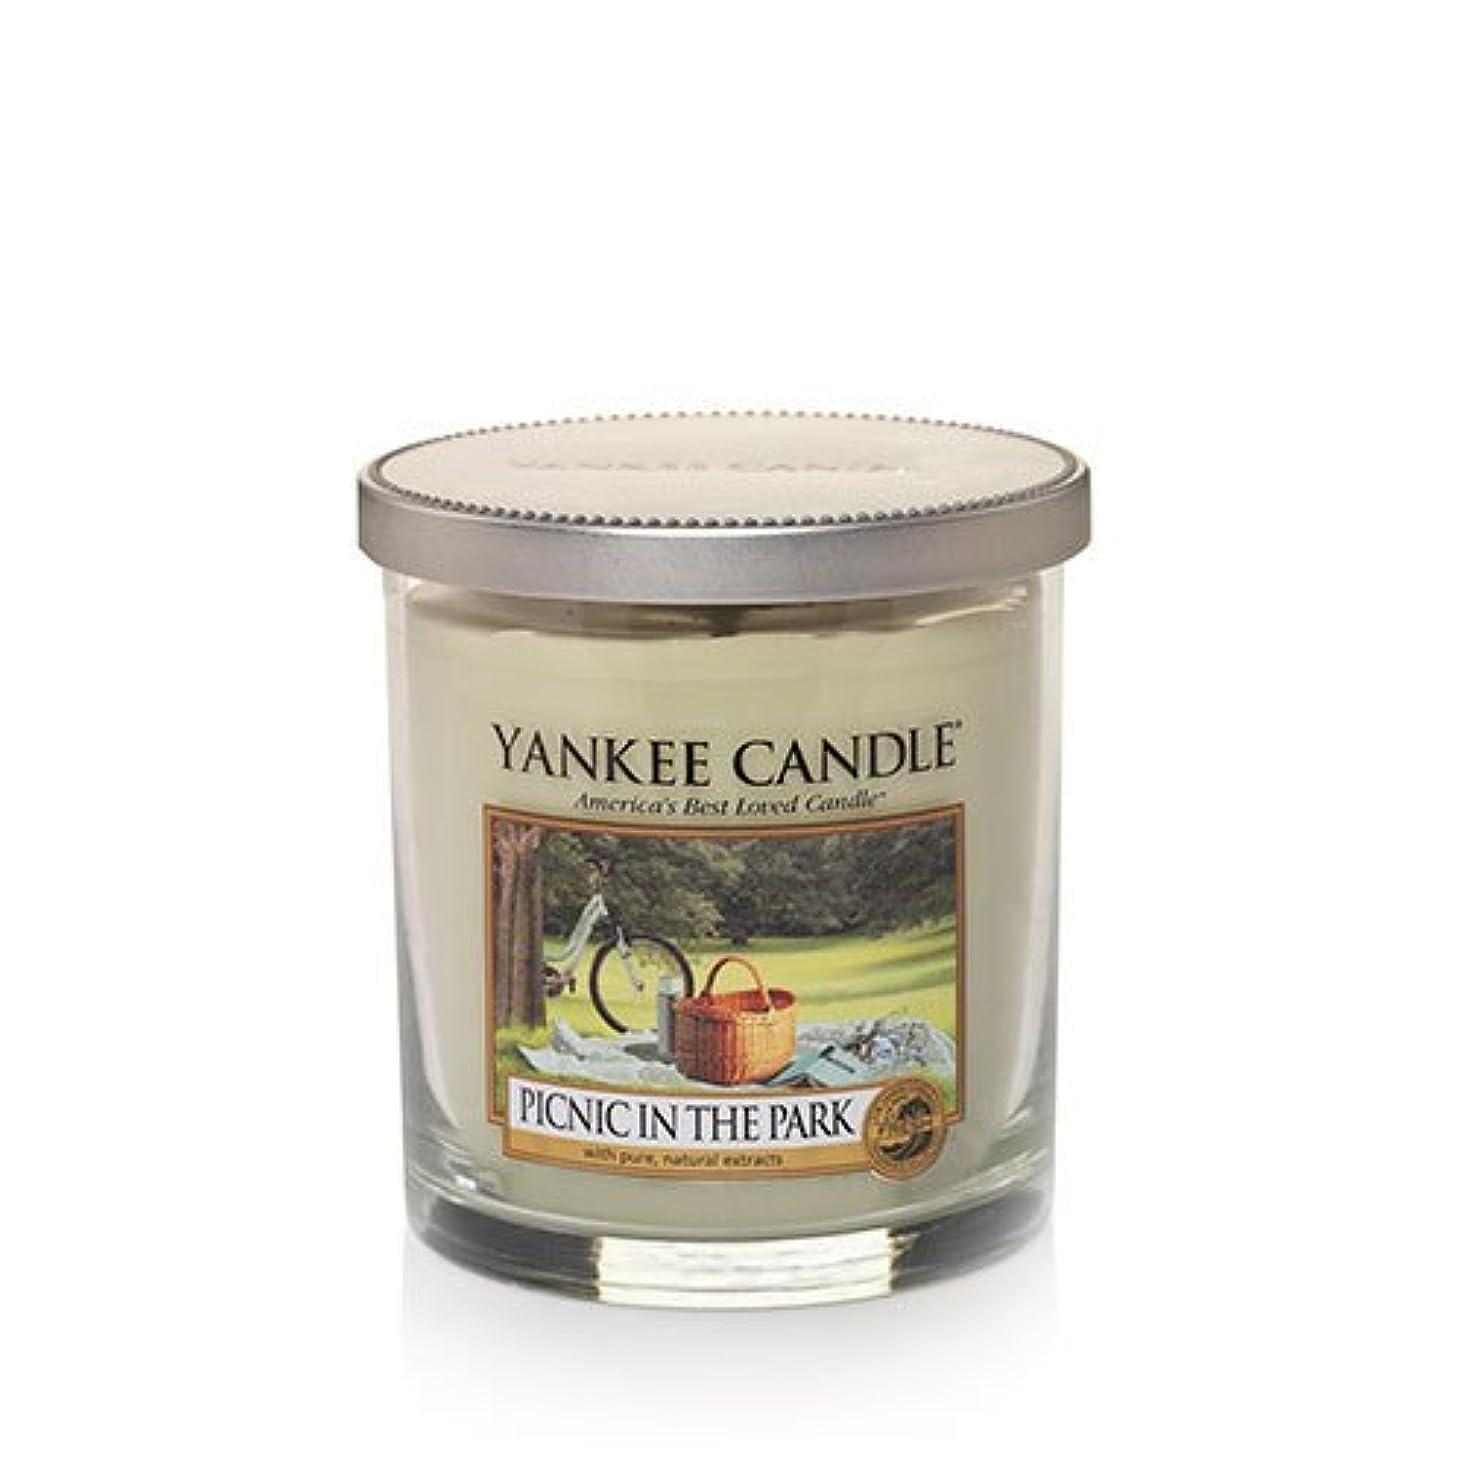 集まる美しいセンサーYankee Candleピクニック公園で、新鮮な香り Small Tumbler Candles 1323009-YC